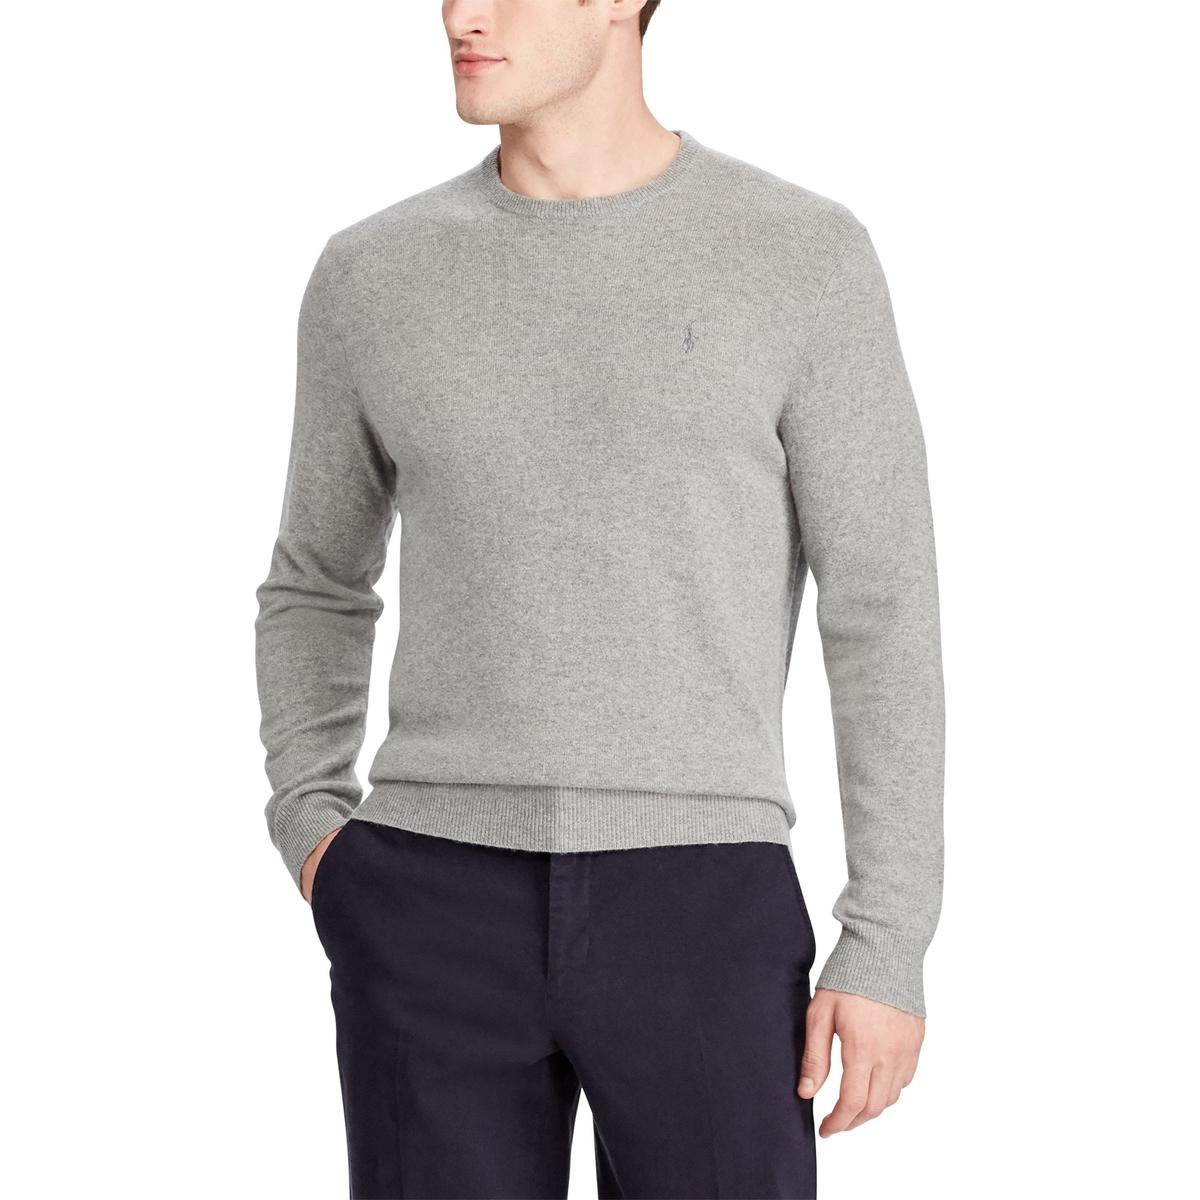 Пуловер La Redoute С круглым вырезом из шерсти S серый пуловер la redoute с круглым вырезом из шерсти мериноса pascal 3xl черный